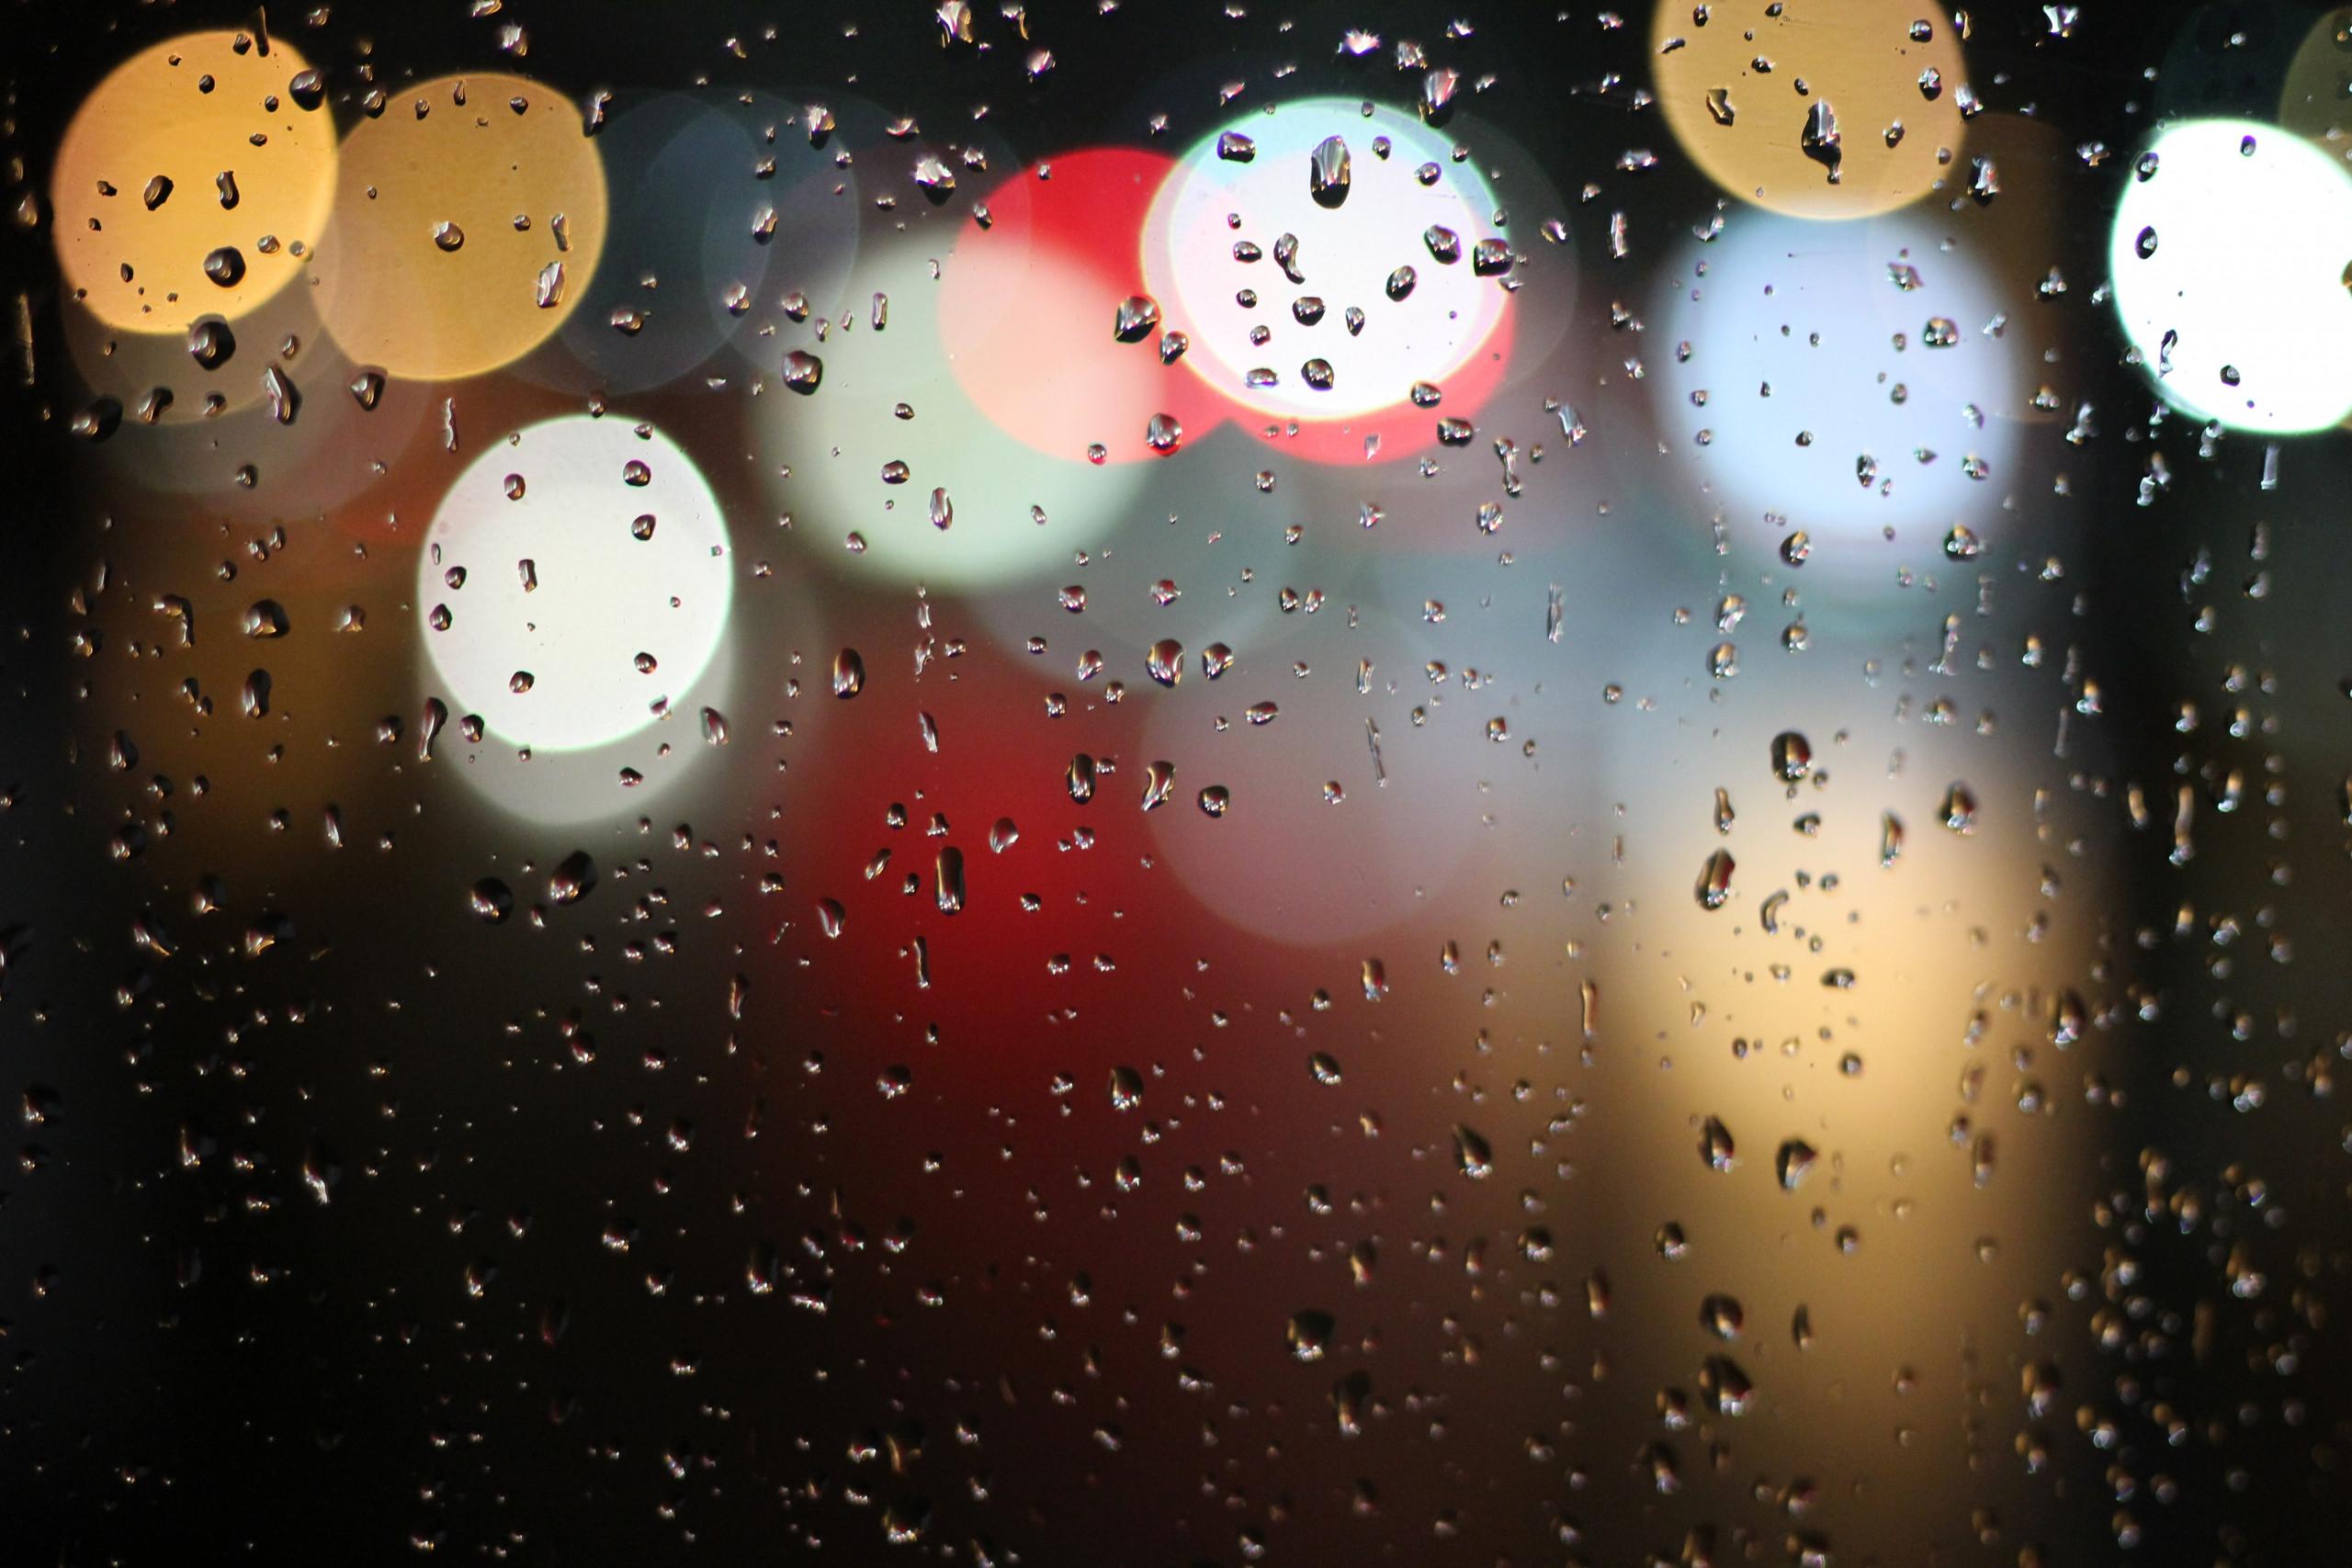 Am Fronleichnamstag fegten heftige Unwetter über die Region, die eine Störung der Internetverbindung im Bereich Halsbach nach sich zogen. Trotz widrigster Witterungsbedingungen konnte unser Techniker zügig Abhilfe verschaffen und die Verbindung wieder herstellen. Wir entschuldigen uns für die entstandenen Ausfallszeiten.